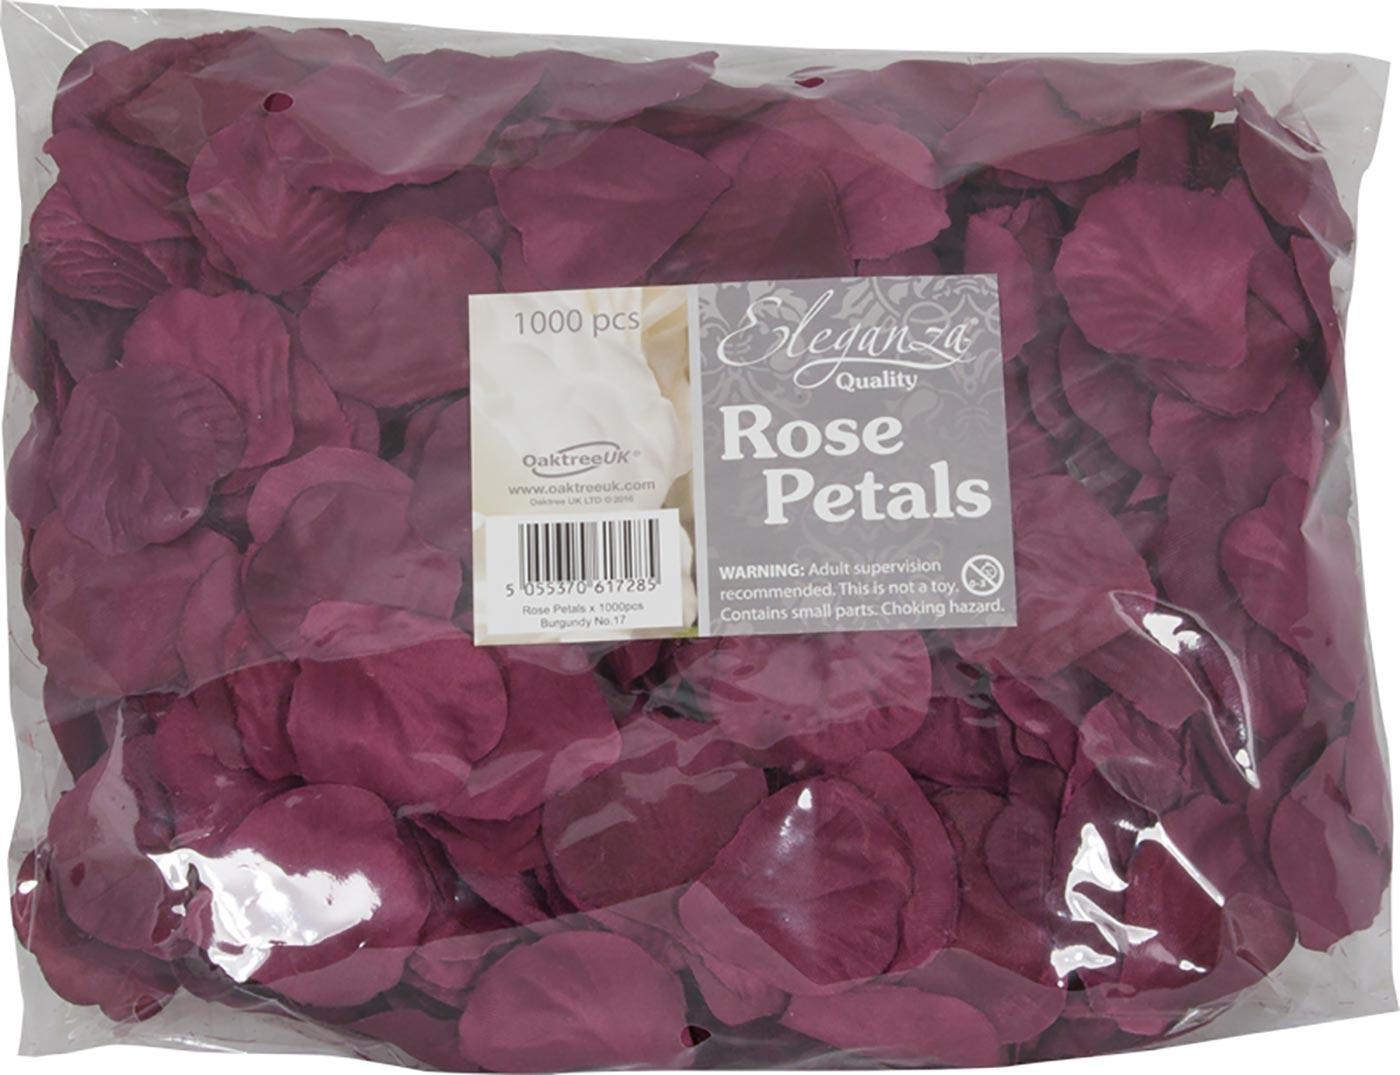 Eleganza Rose Petals x 1000pcs Burgundy